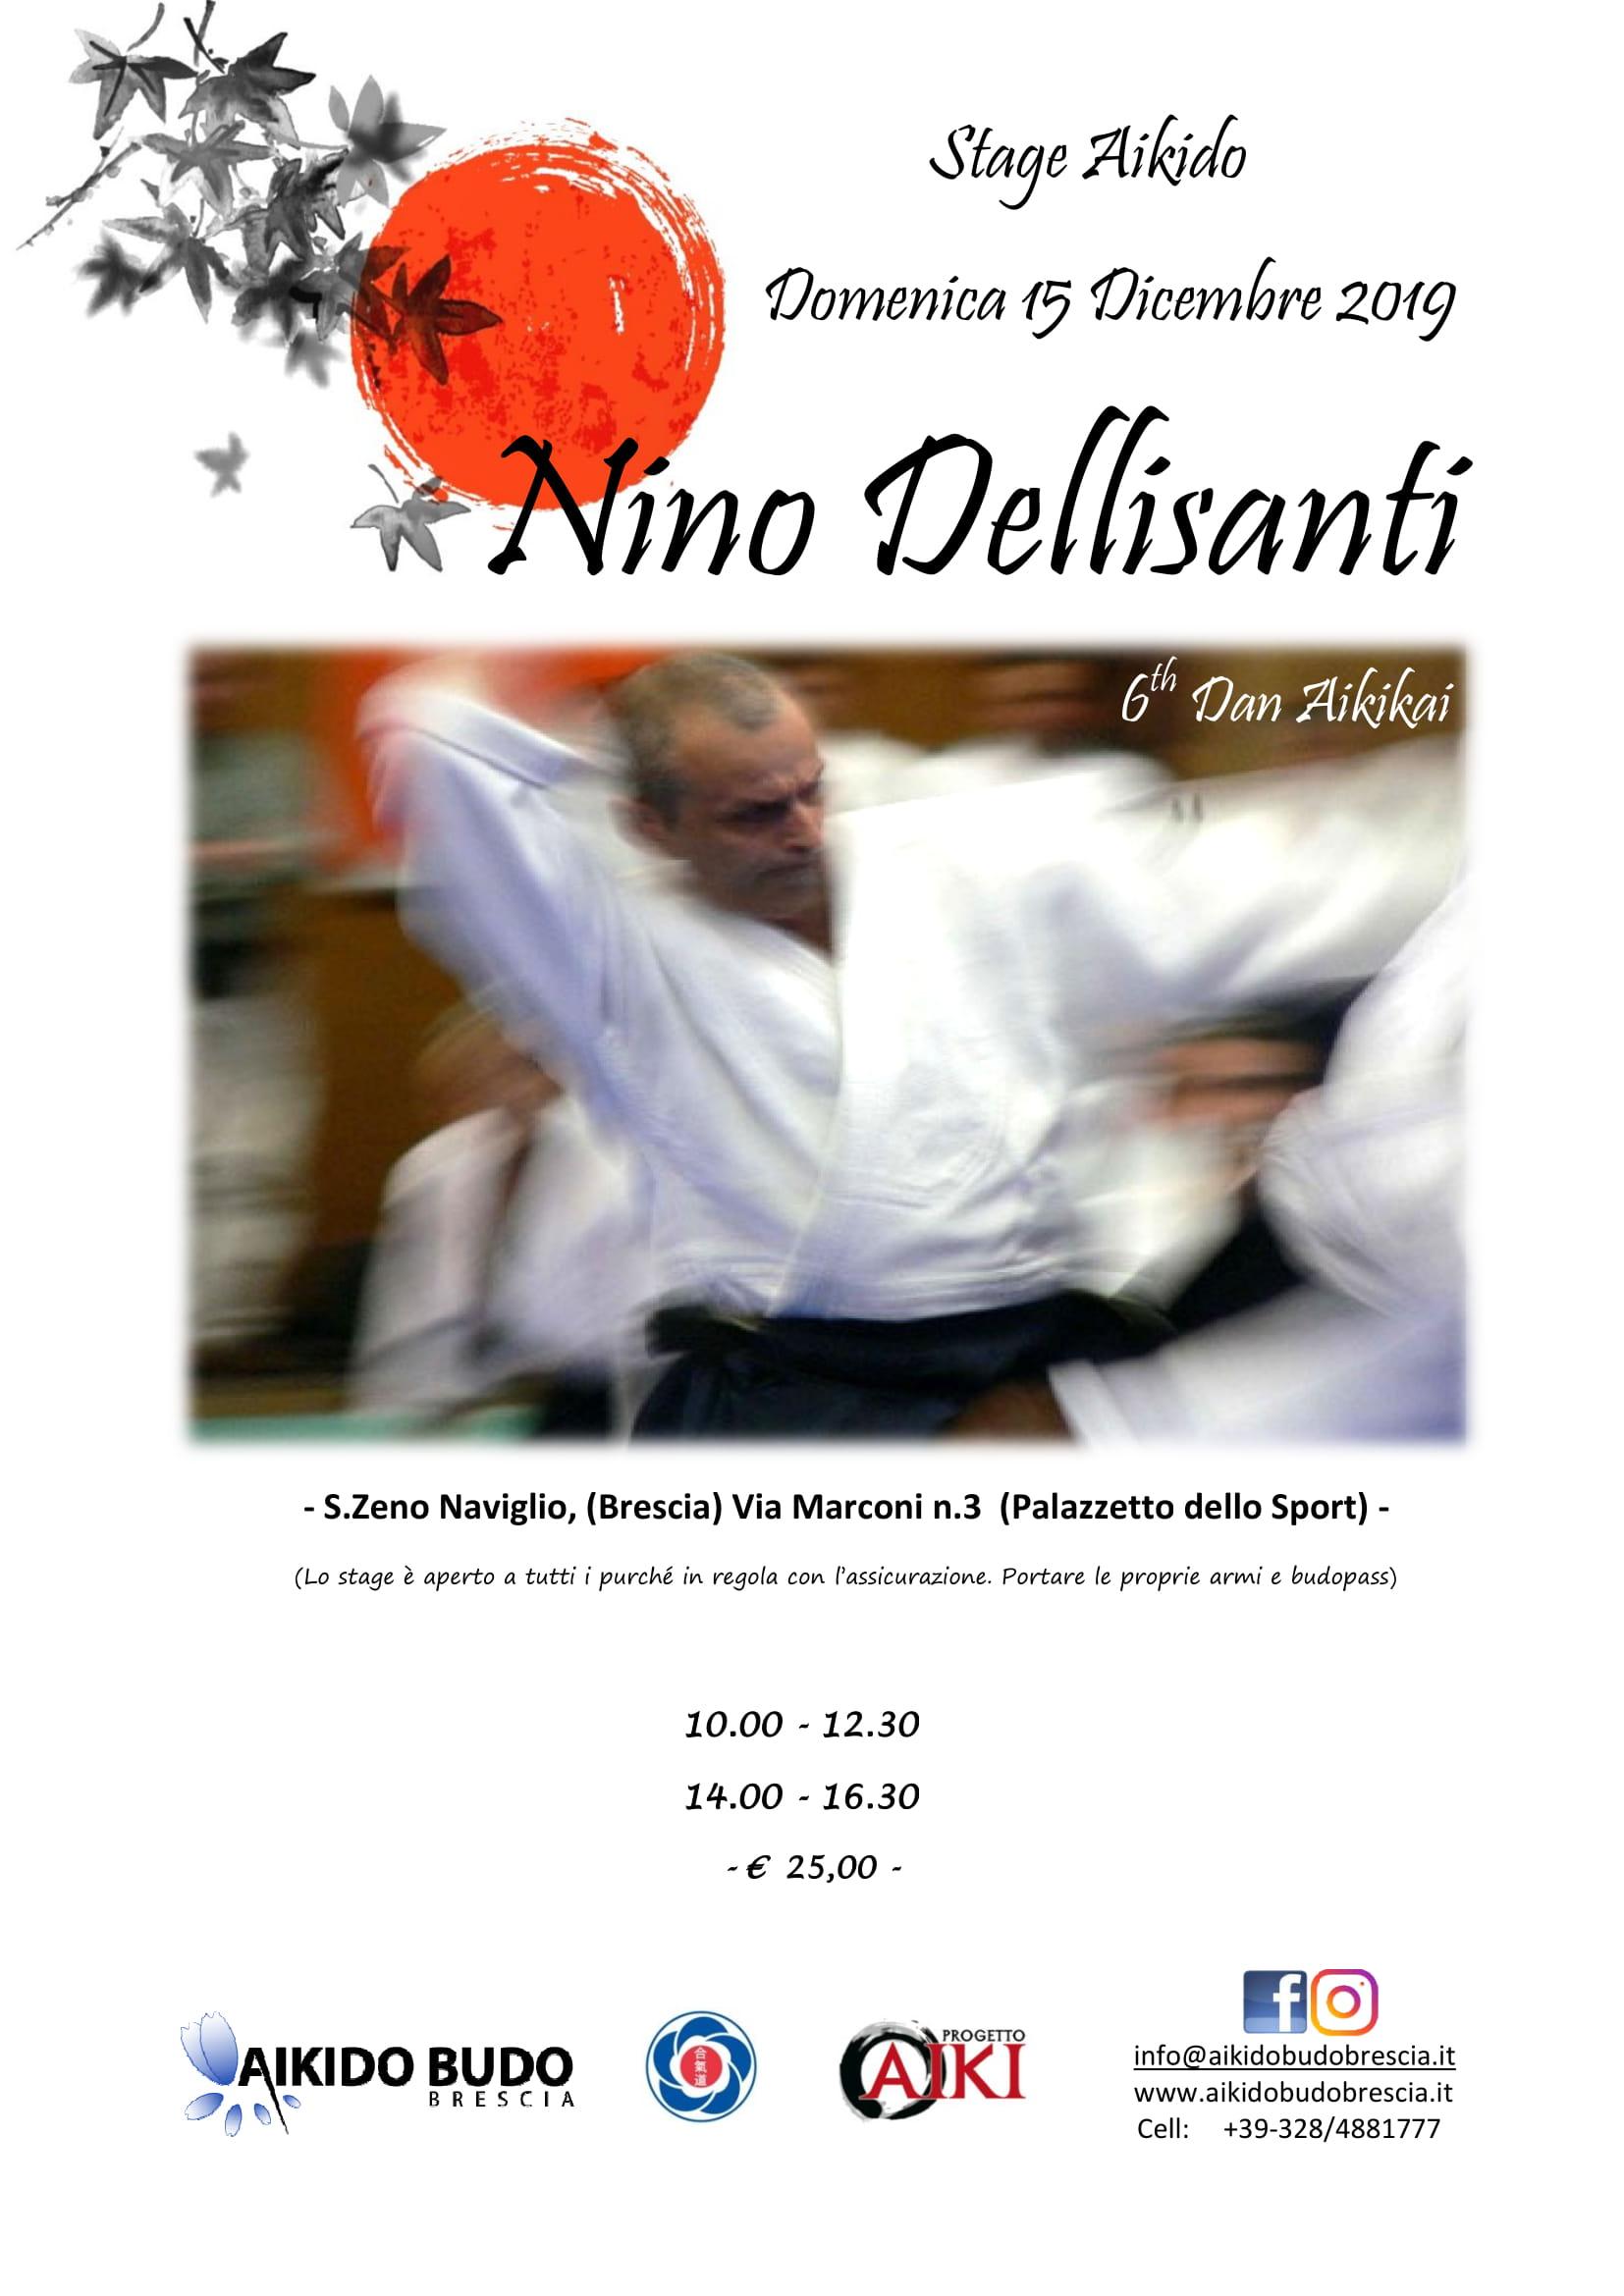 Stage Aikido- Nino Dellisanti - 15 dic 2019 - ASD Aikido Budo Brescia